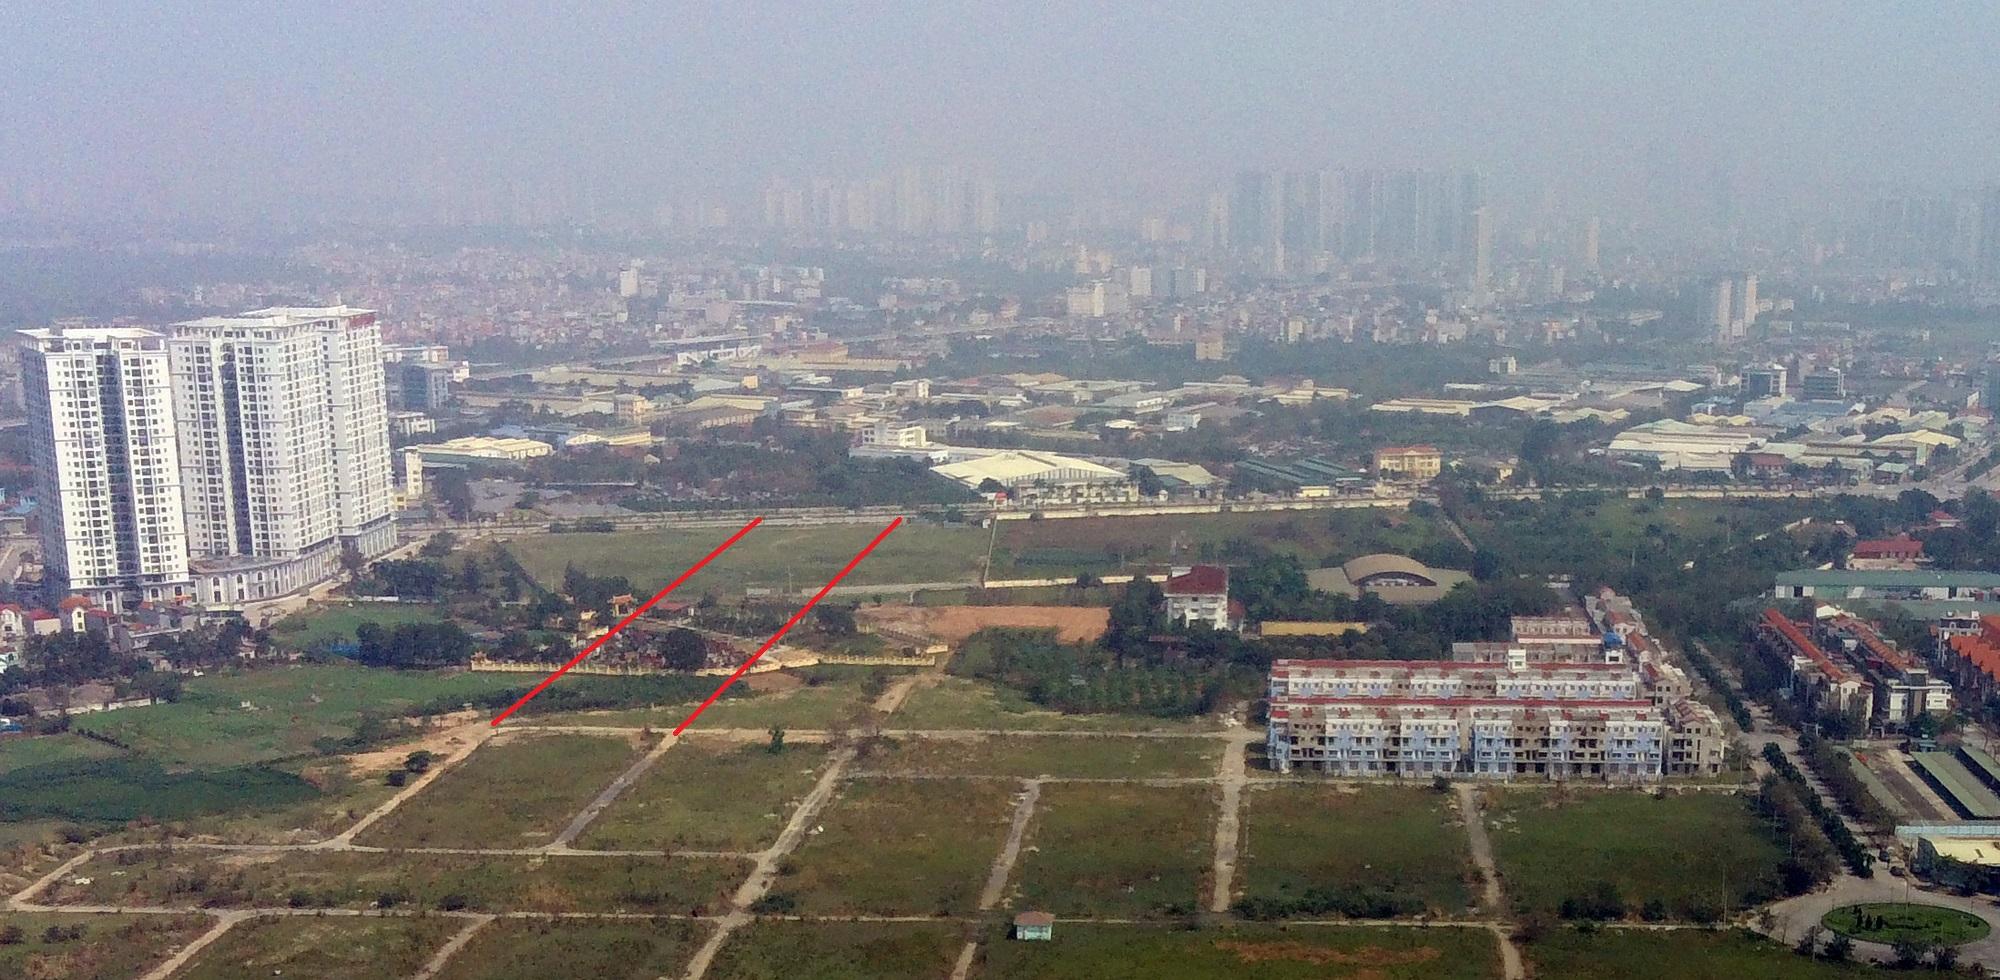 đường sẽ mở theo qui hoạch ở phường Phương Canh, Nam Từ Liêm, Hà Nội - Ảnh 9.